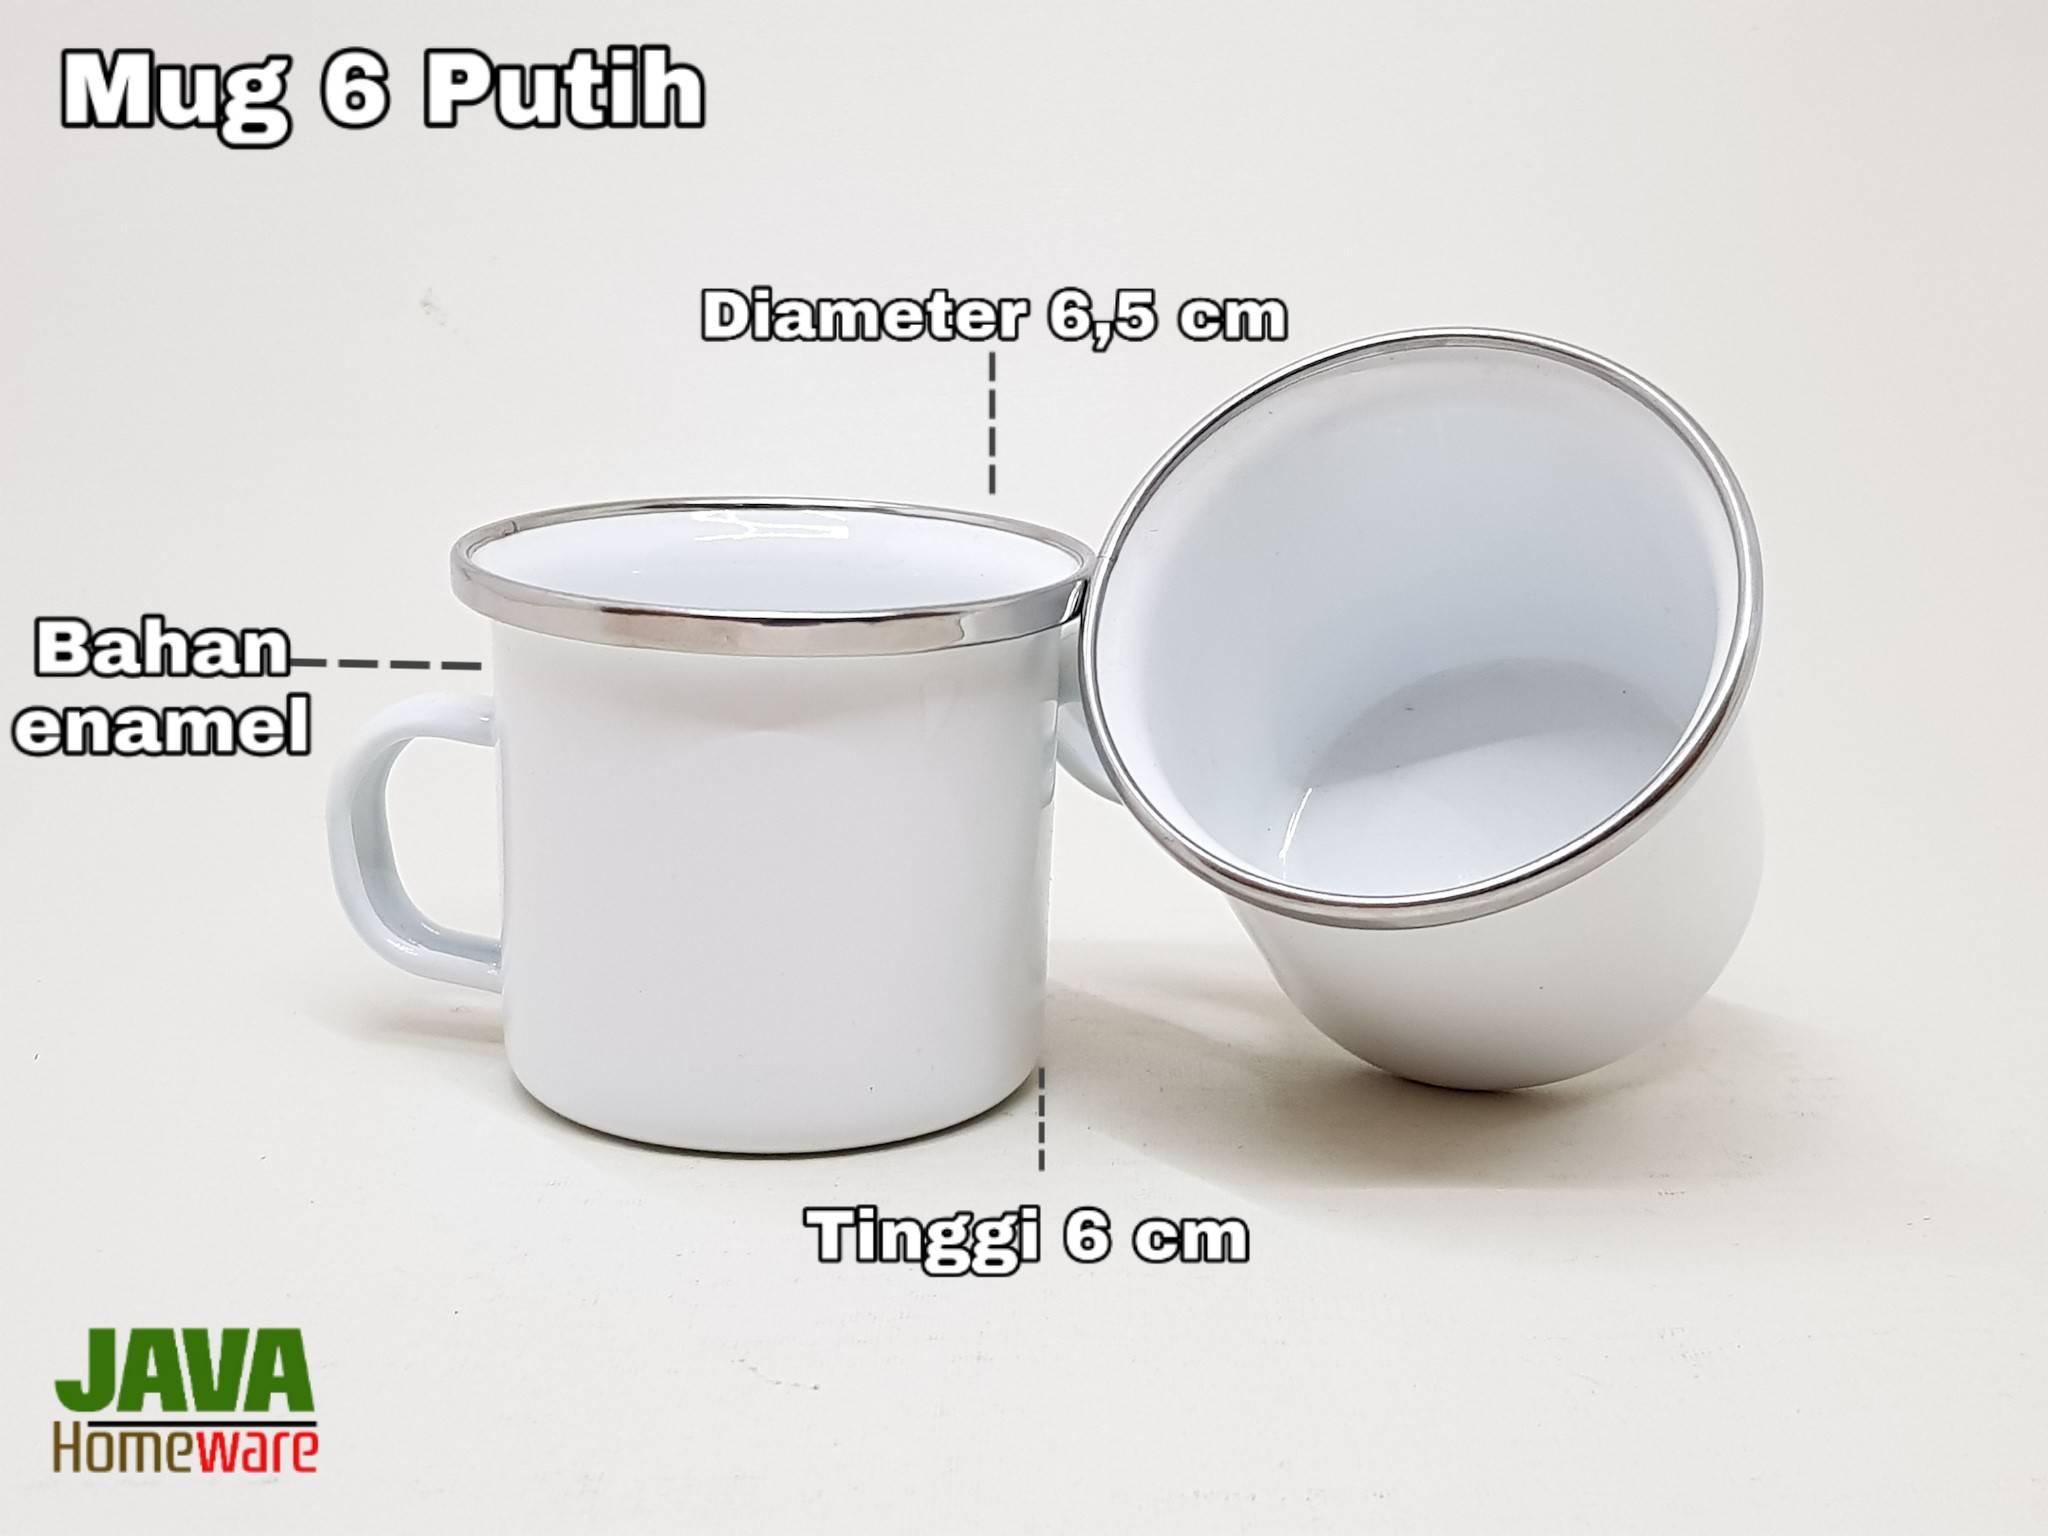 Mug 6 Putih